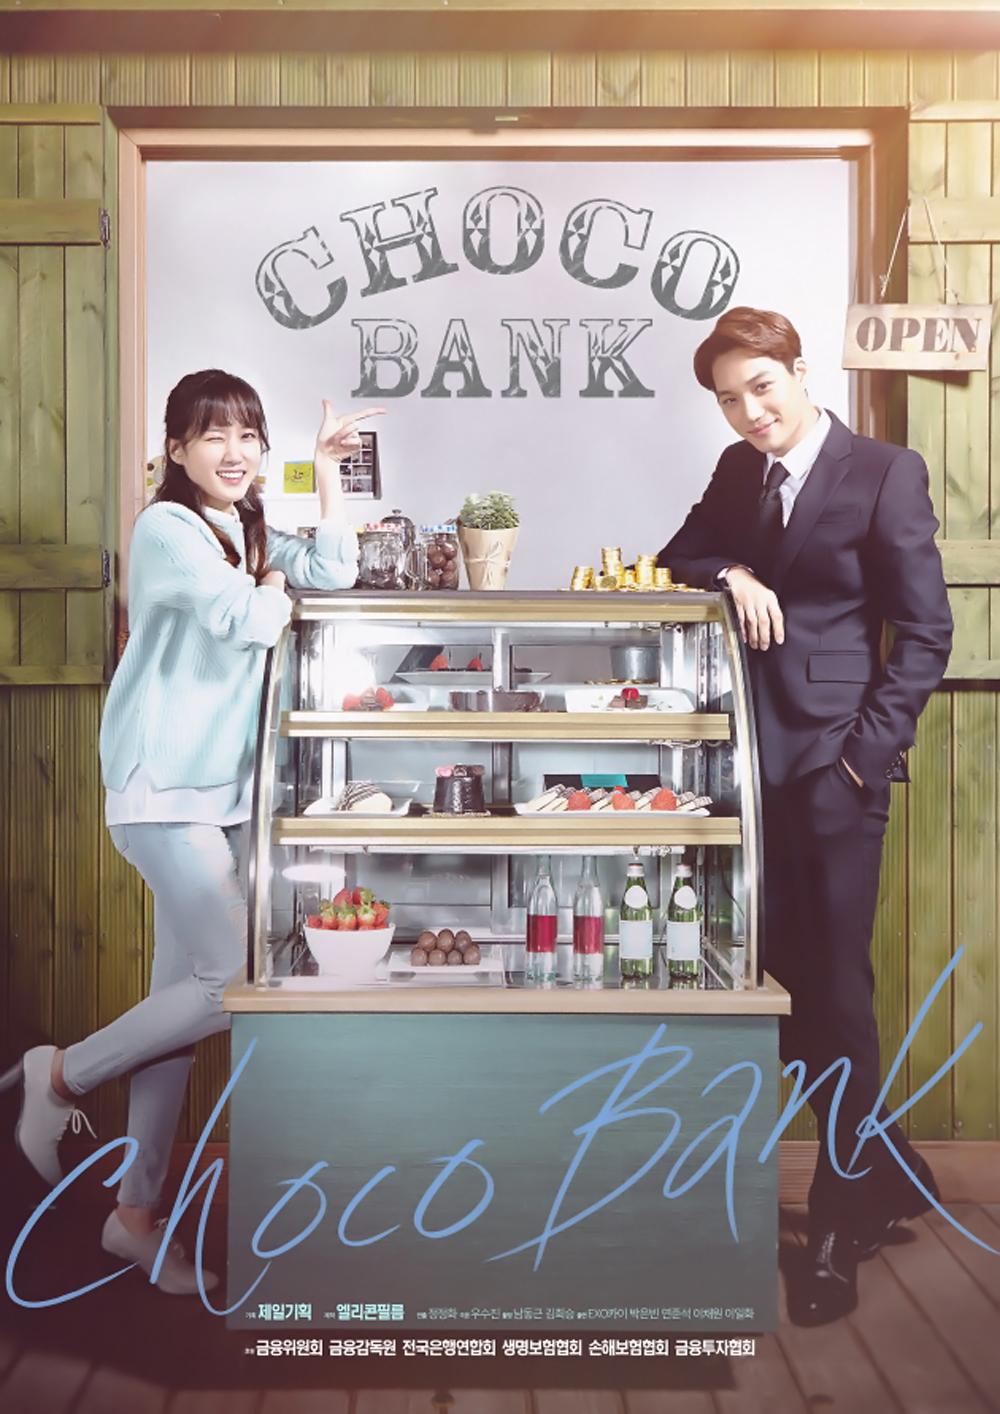 შოკოლადის ბანკი